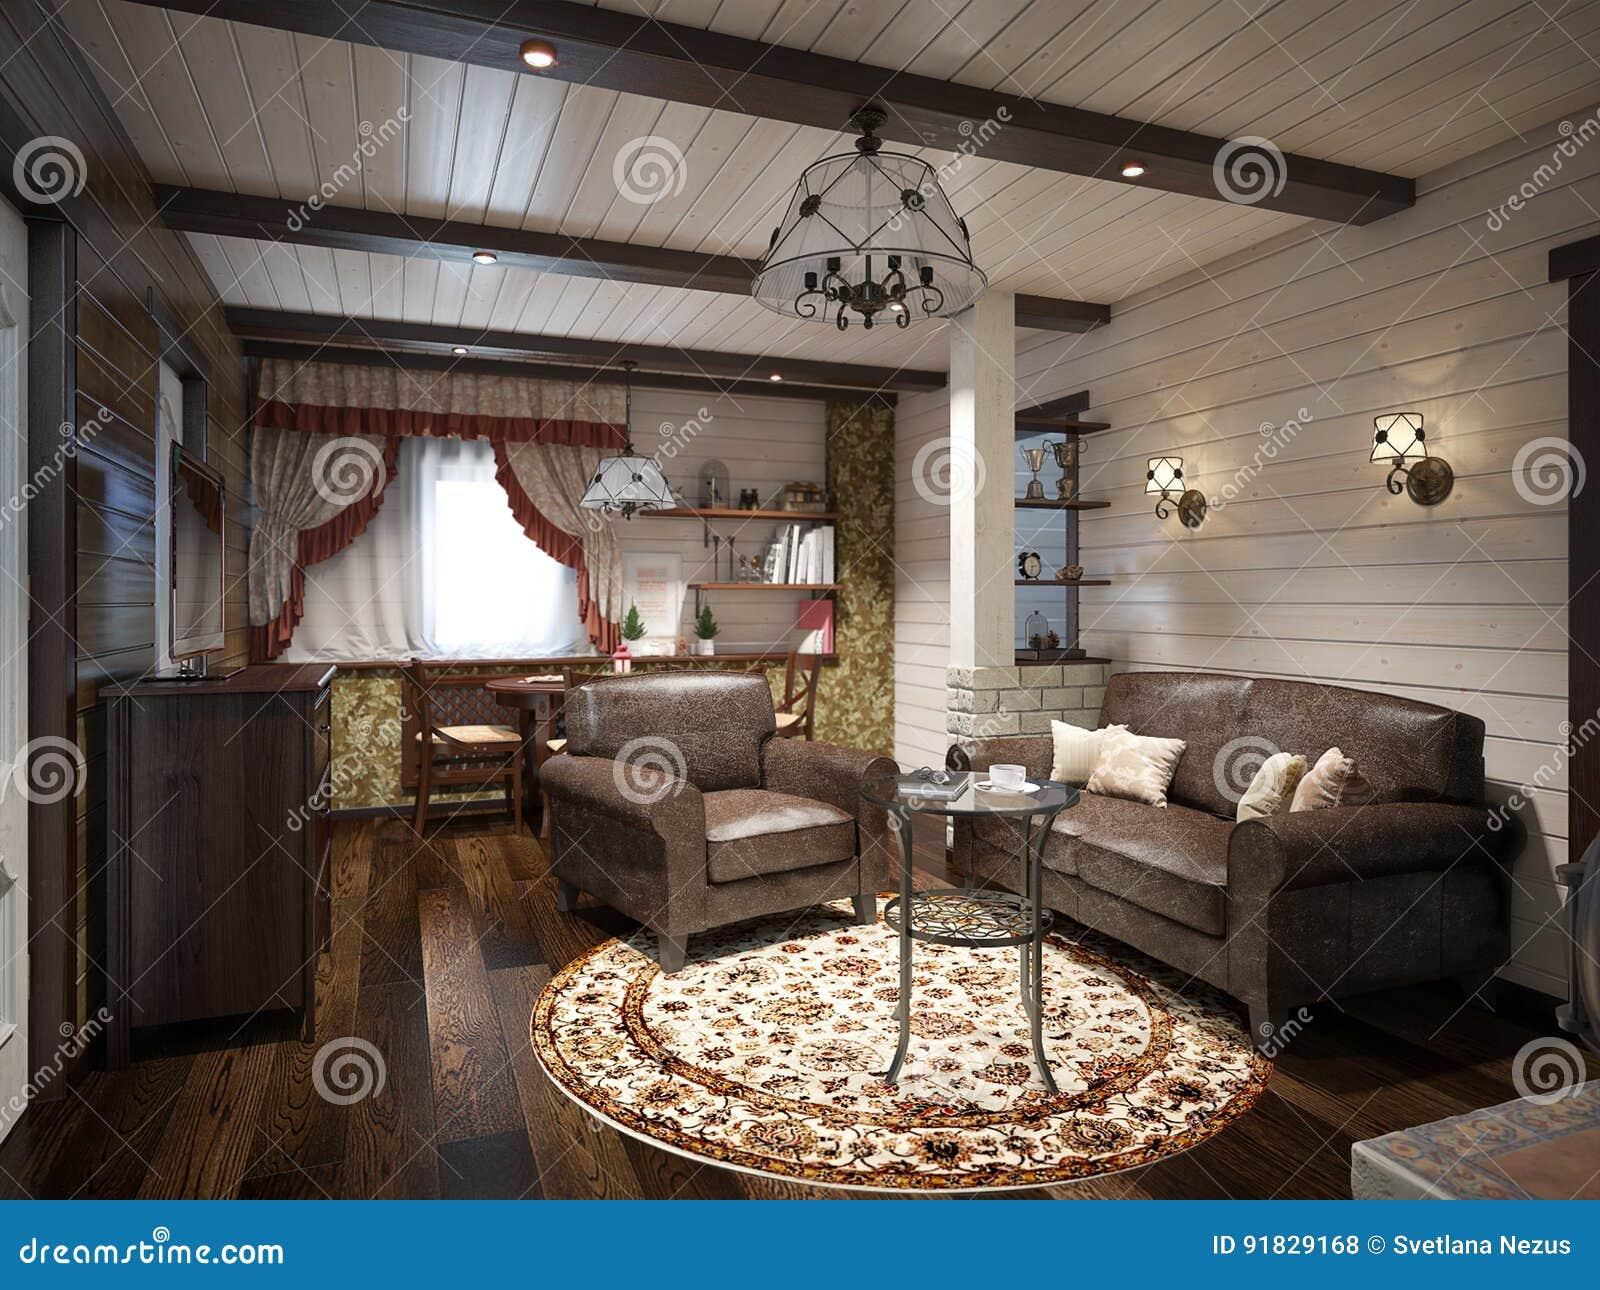 Sitio de farmhouse living del artesano y ro r sticos for Departamentos rusticos modernos